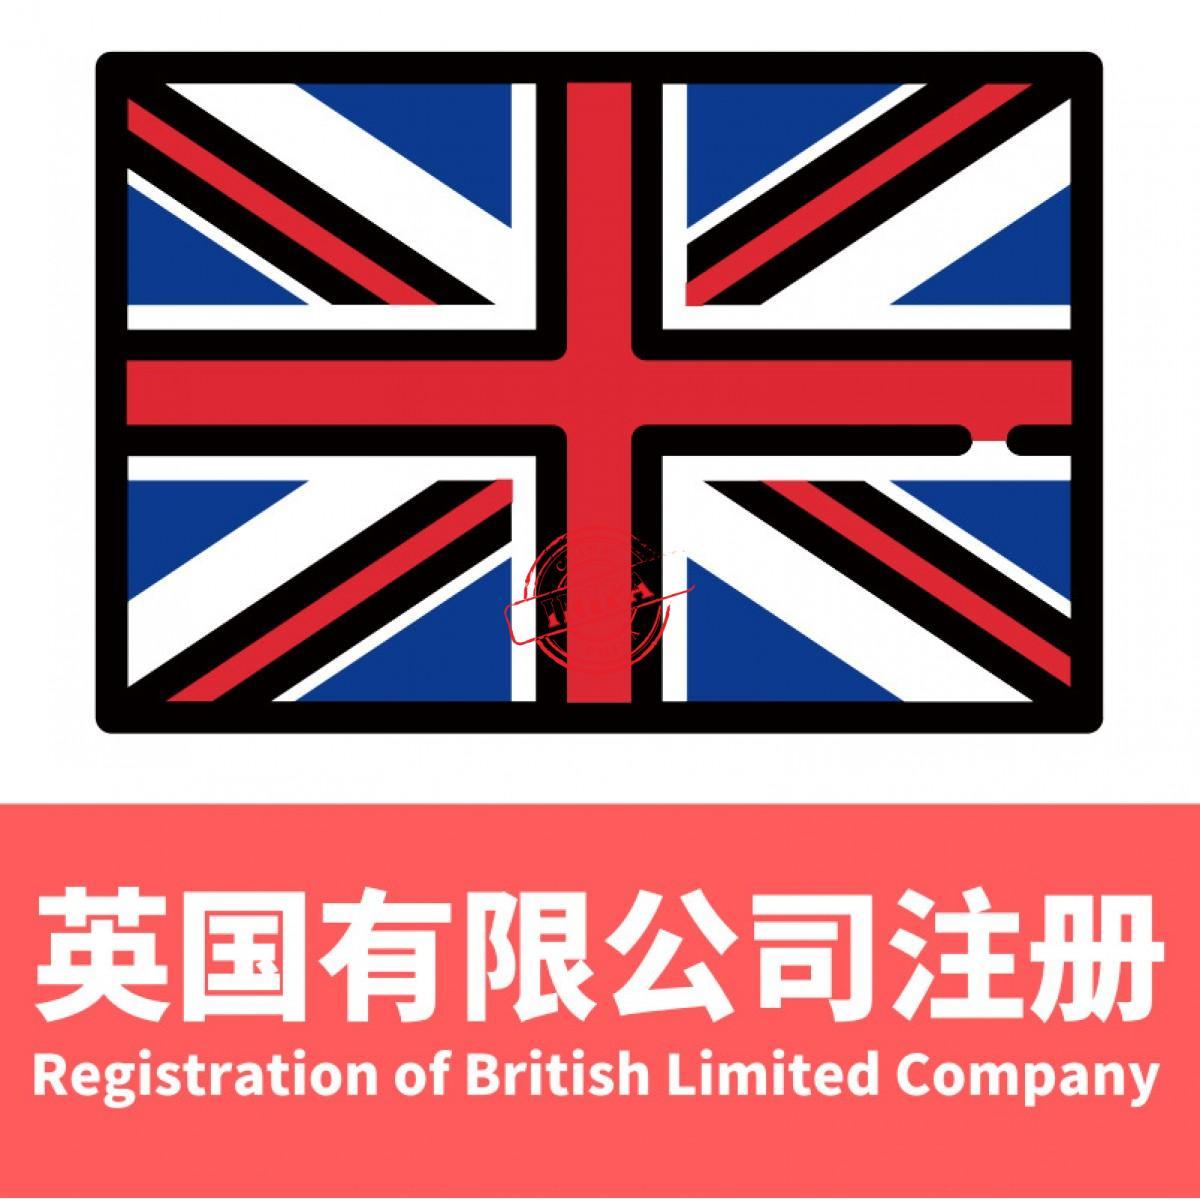 英国有限公司注册丨专业代理注册英国有限公司